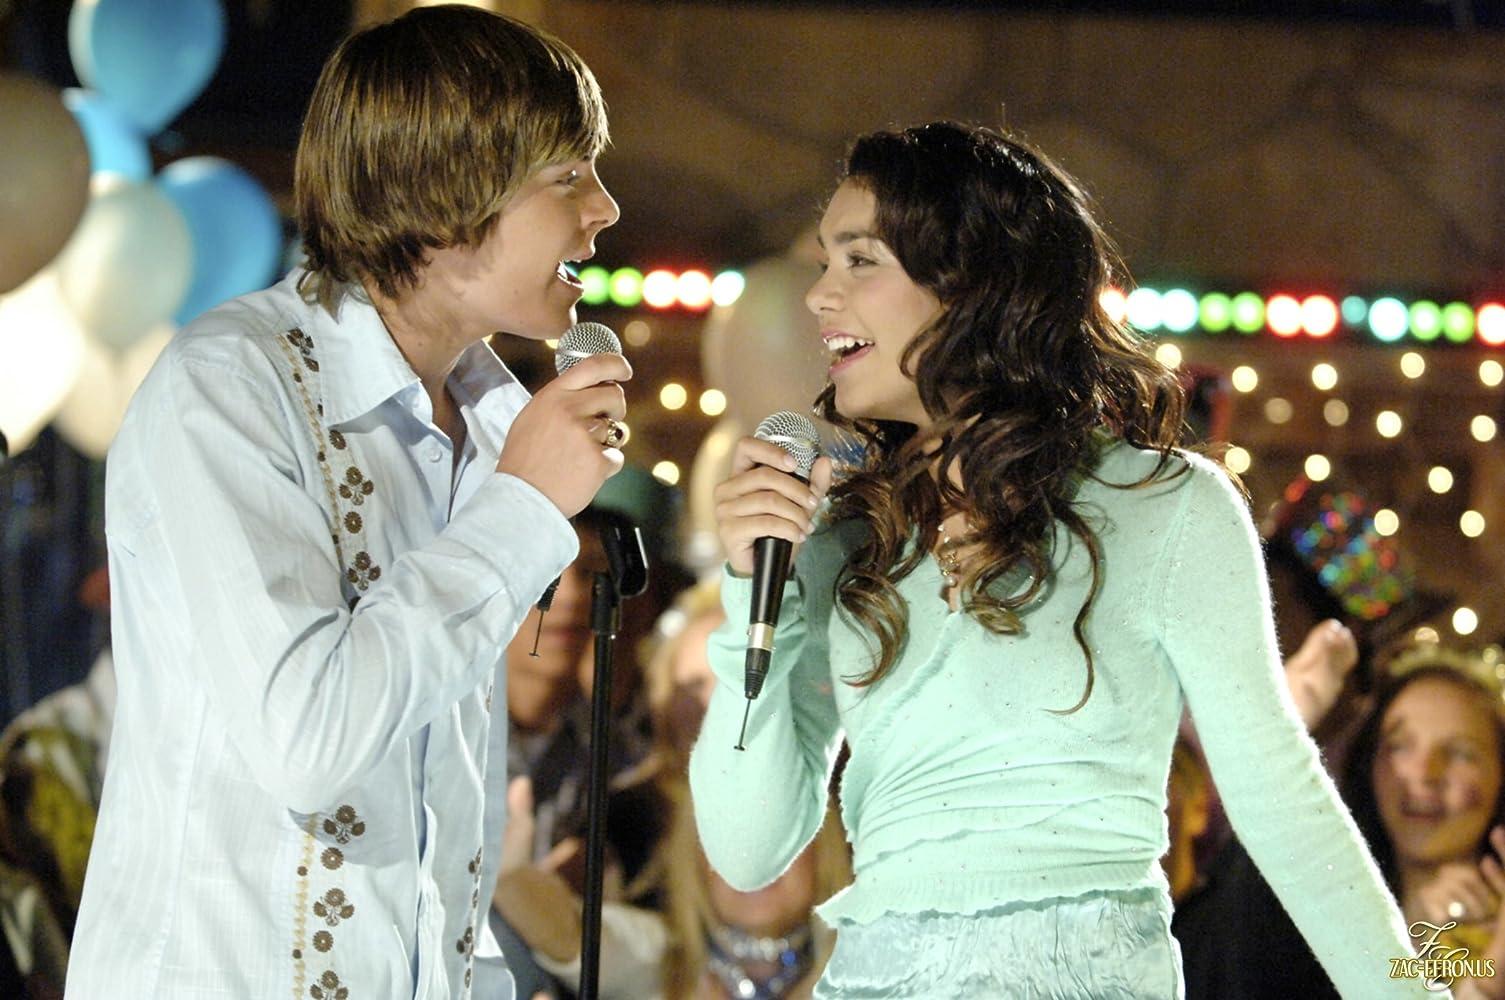 Vanessa Hudgens and Zac Efron in High School Musical (2006)